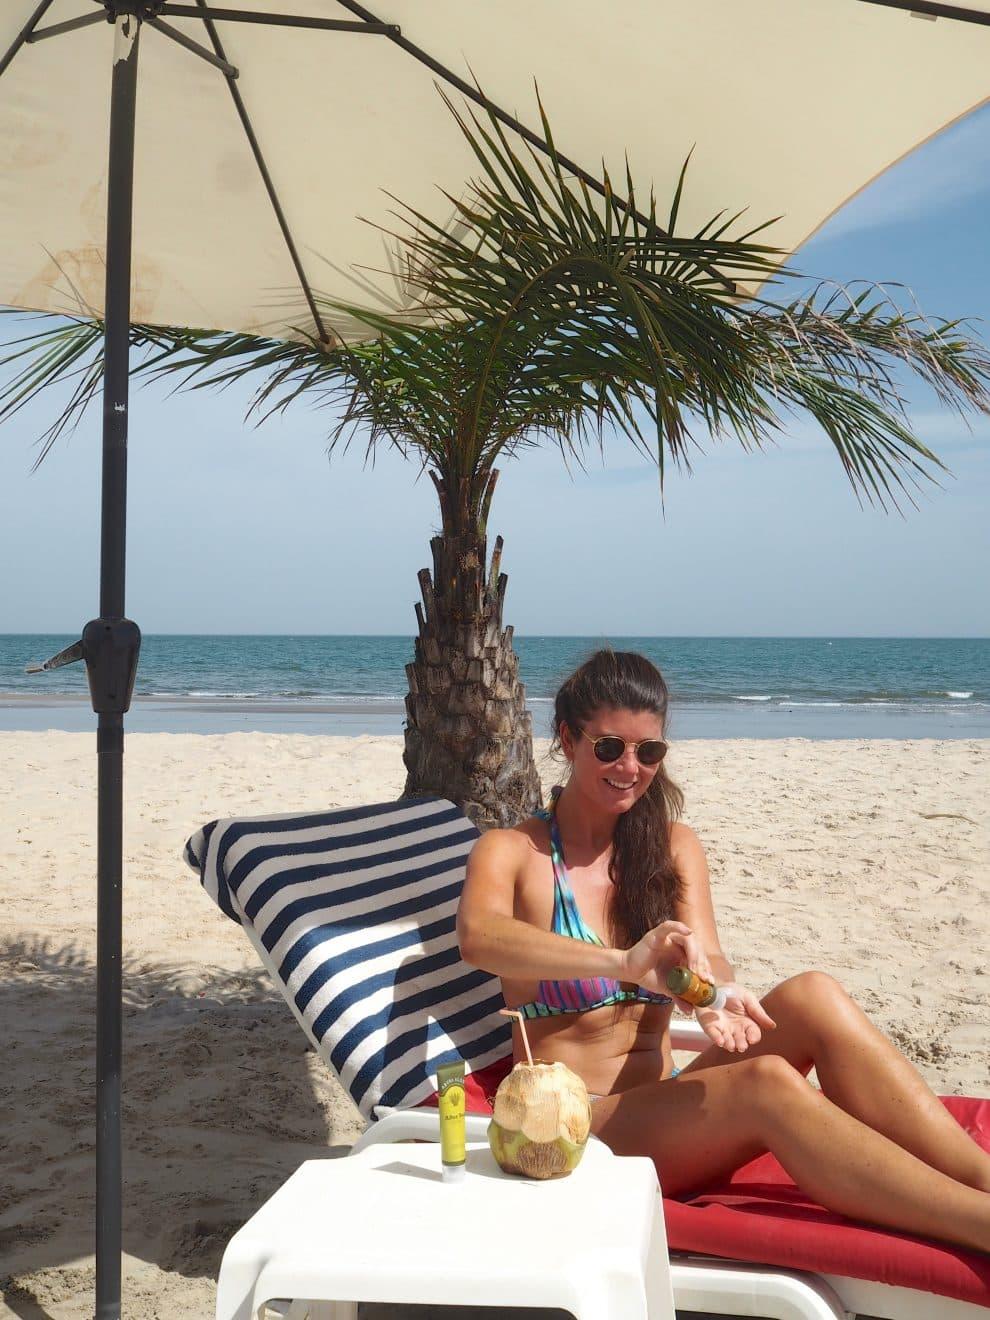 Gambia Ocean Beach Hotel Cape Point De zon op je huid is heerlijk, maar pas op! Aruba Aloe